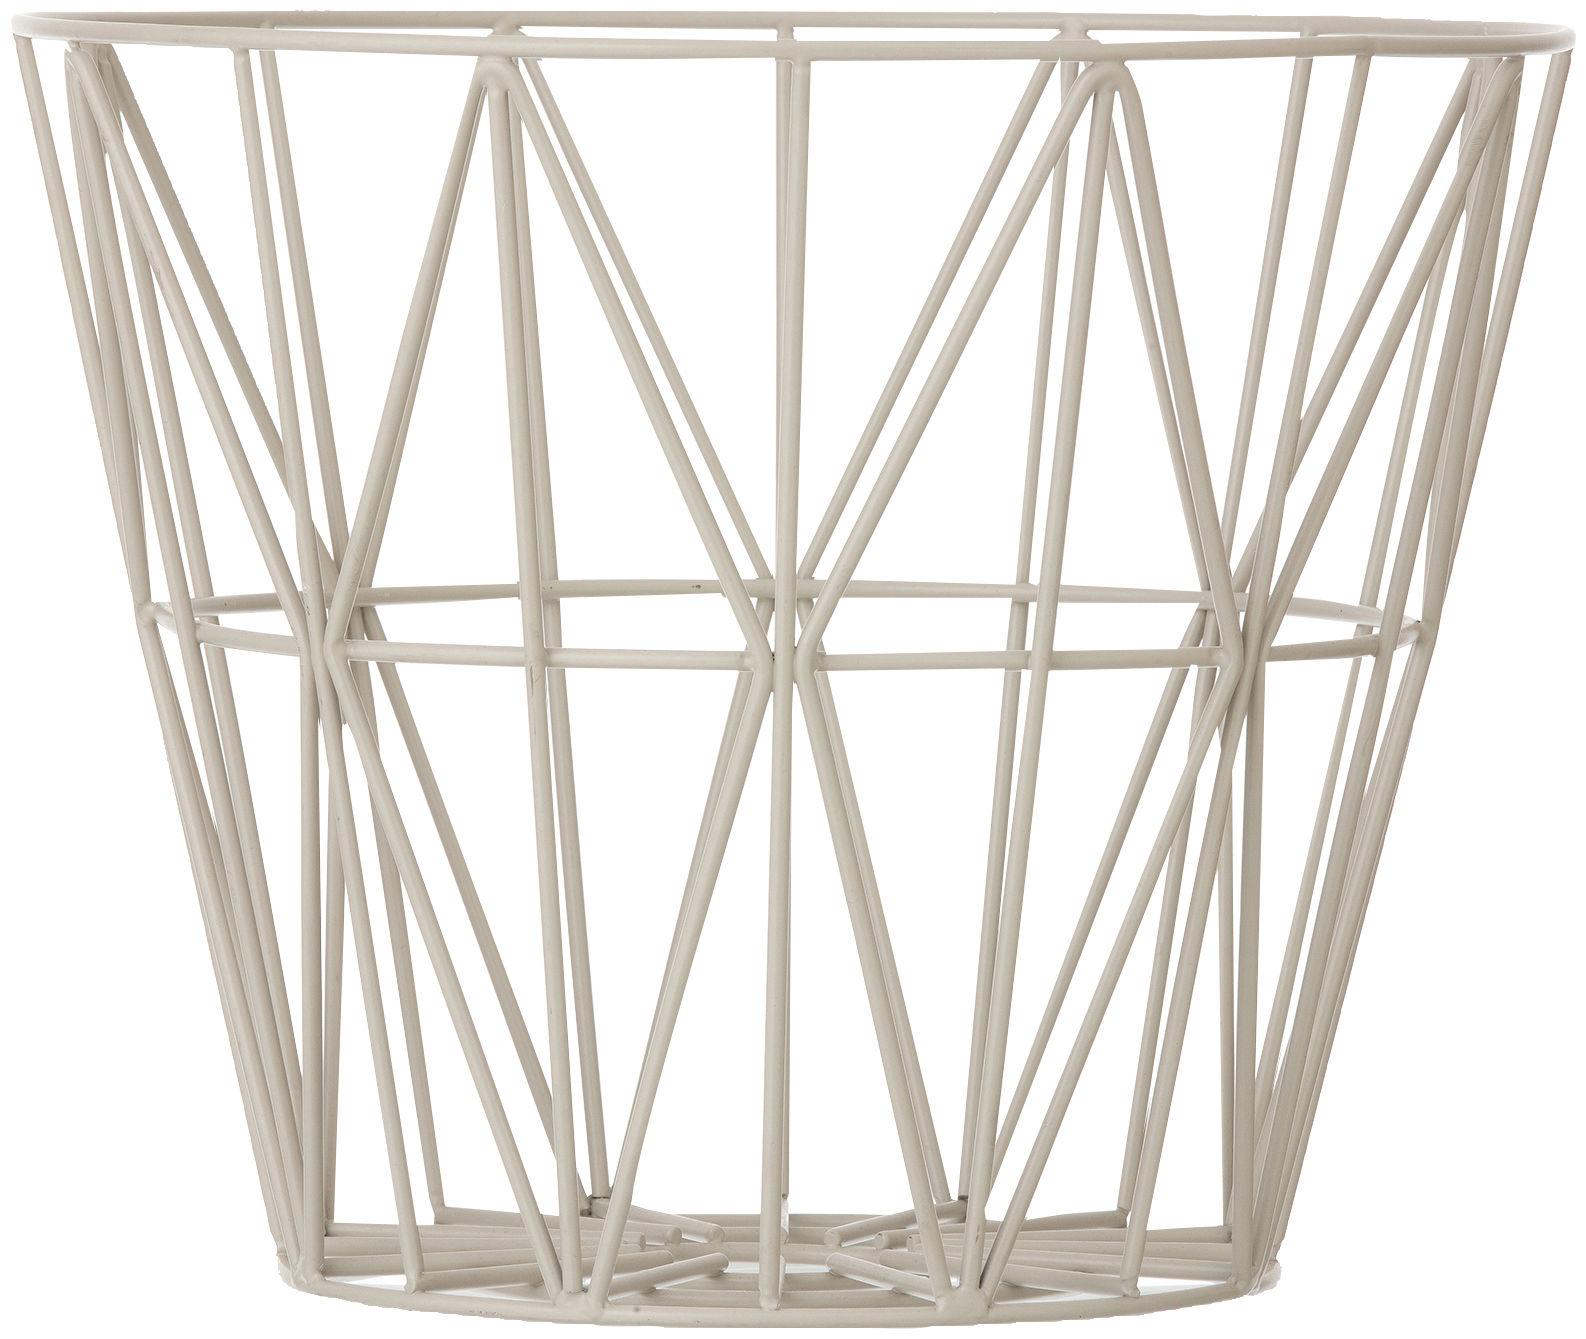 Déco - Corbeilles, centres de table, vide-poches - Corbeille Wire Large / Ø 60 x H 45 cm - Ferm Living - Gris - Métal laqué